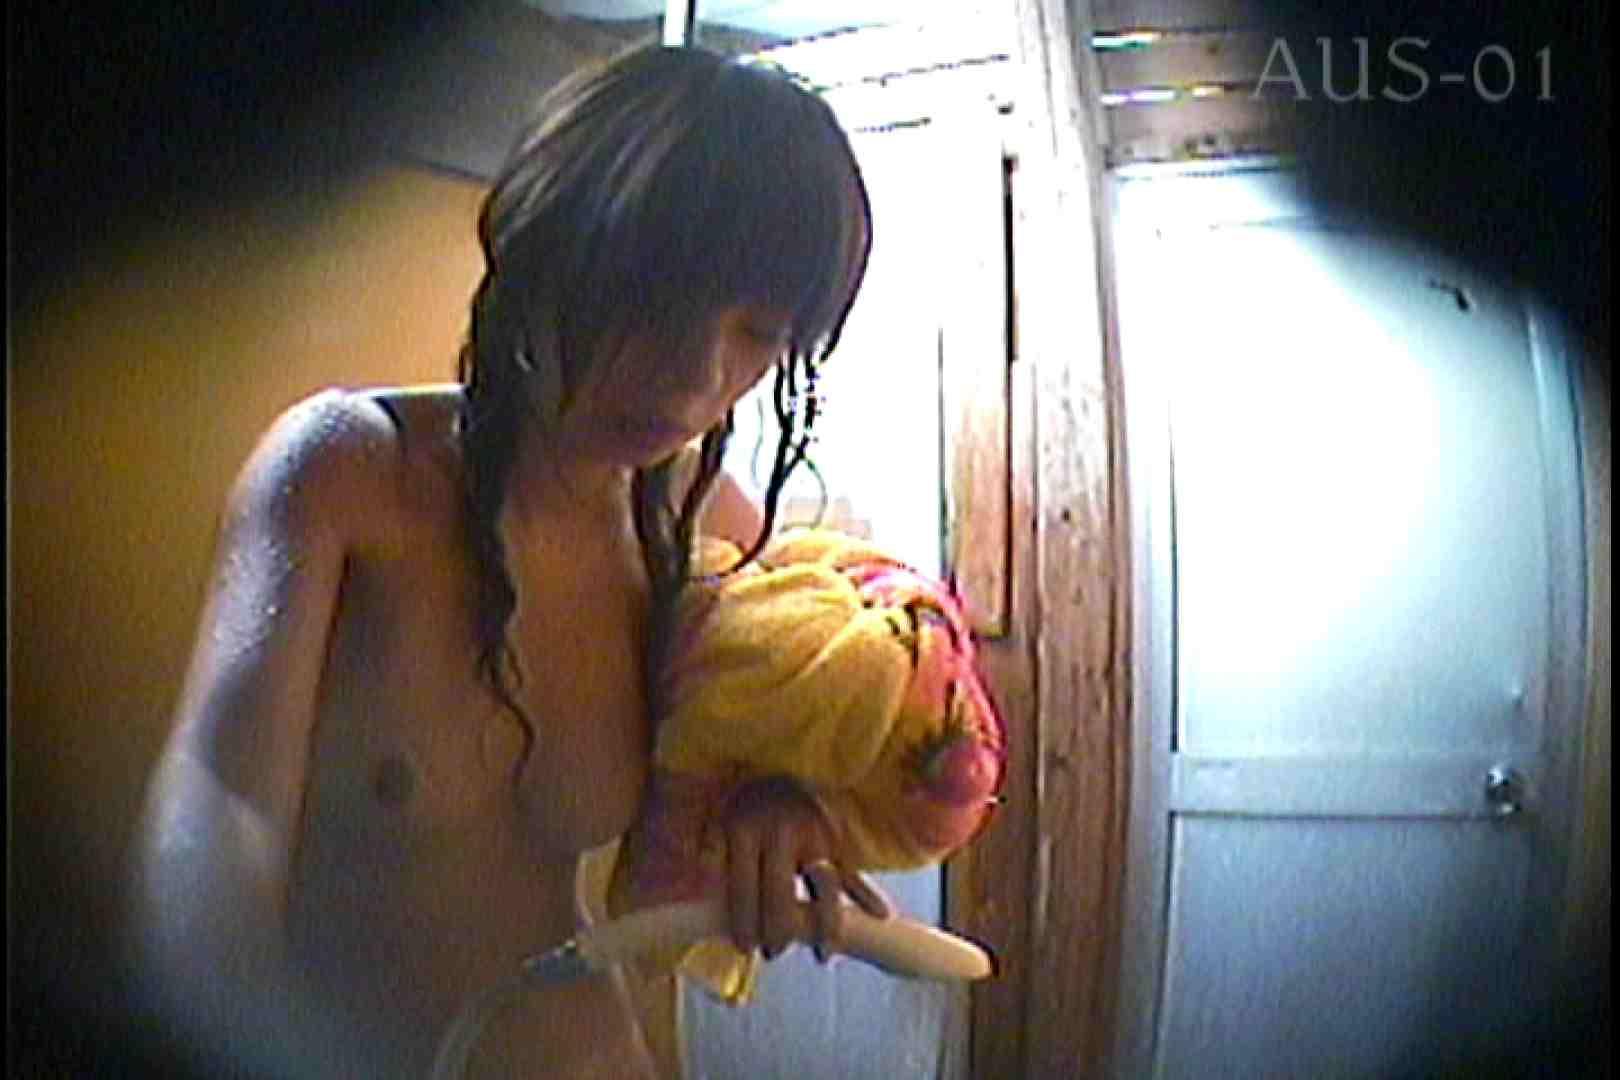 海の家の更衣室 Vol.01 シャワー | OLの実態  35pic 25